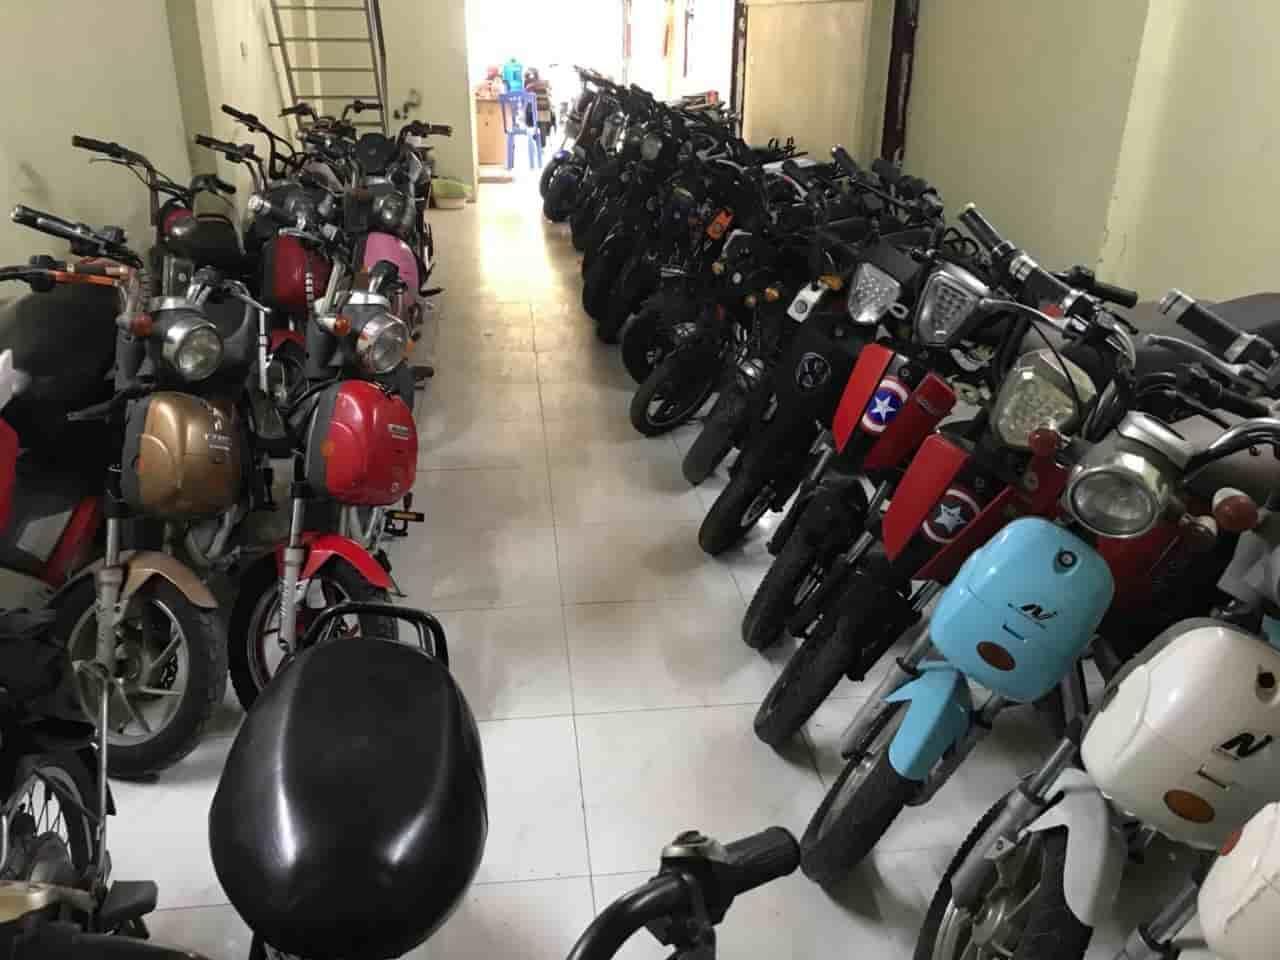 xe đạp điện cũ tại Tỉnh Hải Dương